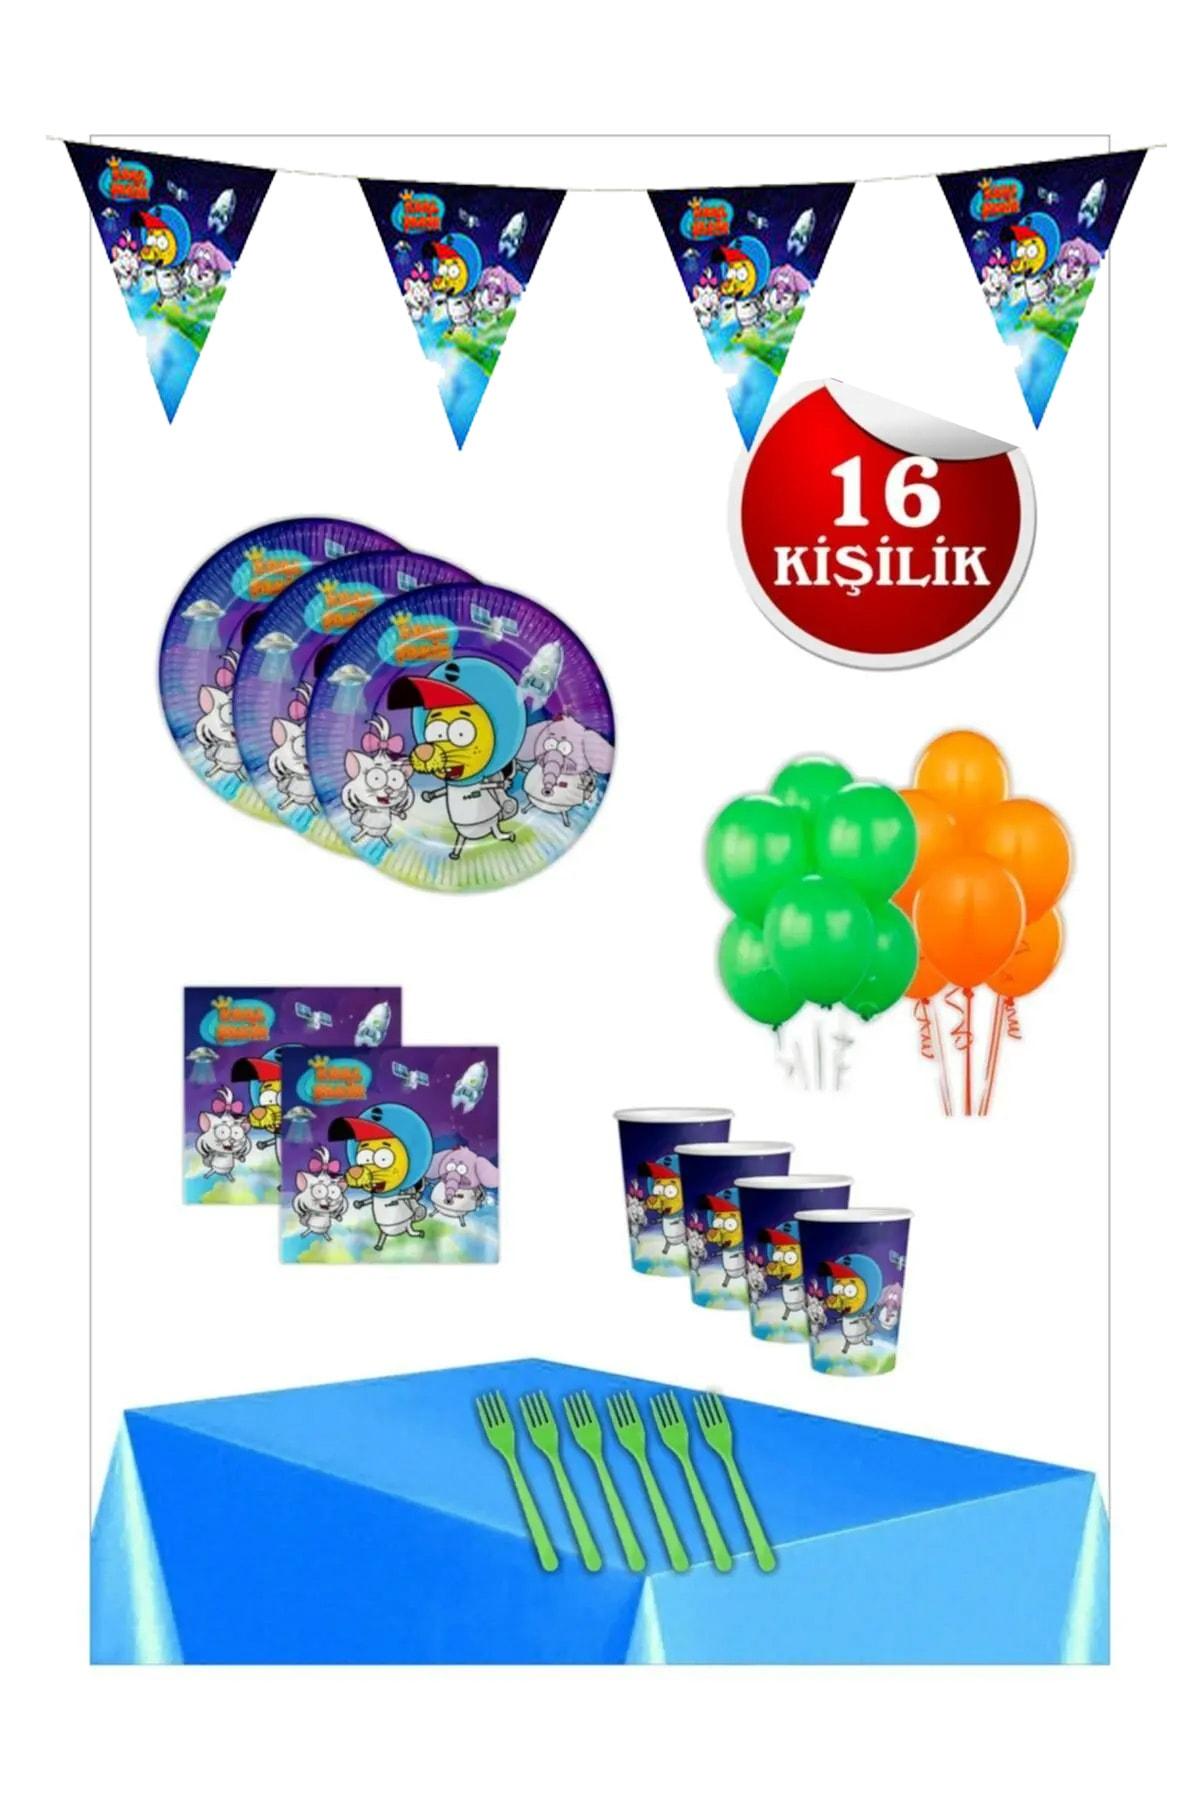 Kral Şakir Uzayda Doğum Günü Parti Seti 16 Kişilik 1